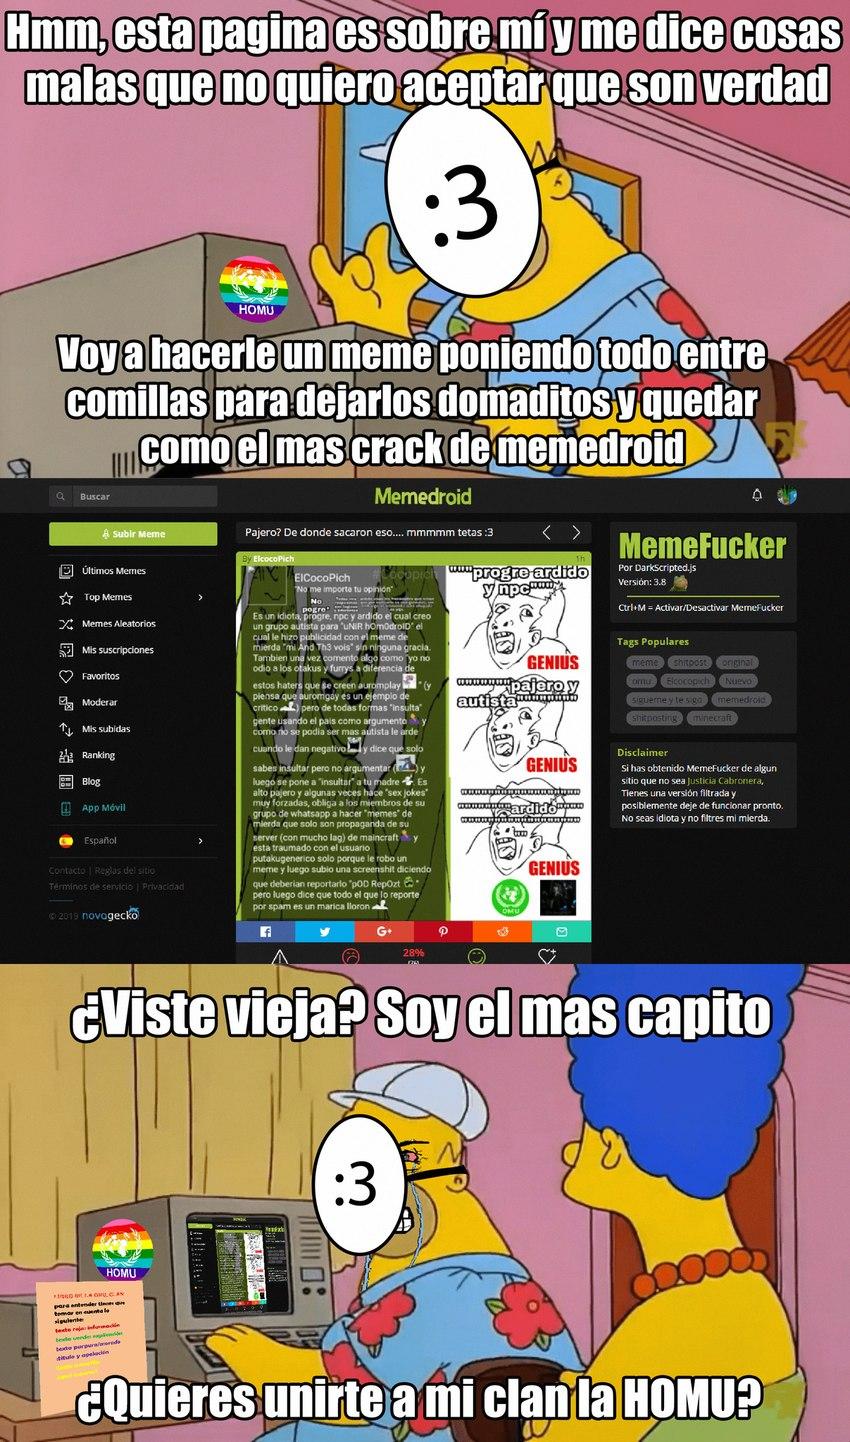 El capito - meme